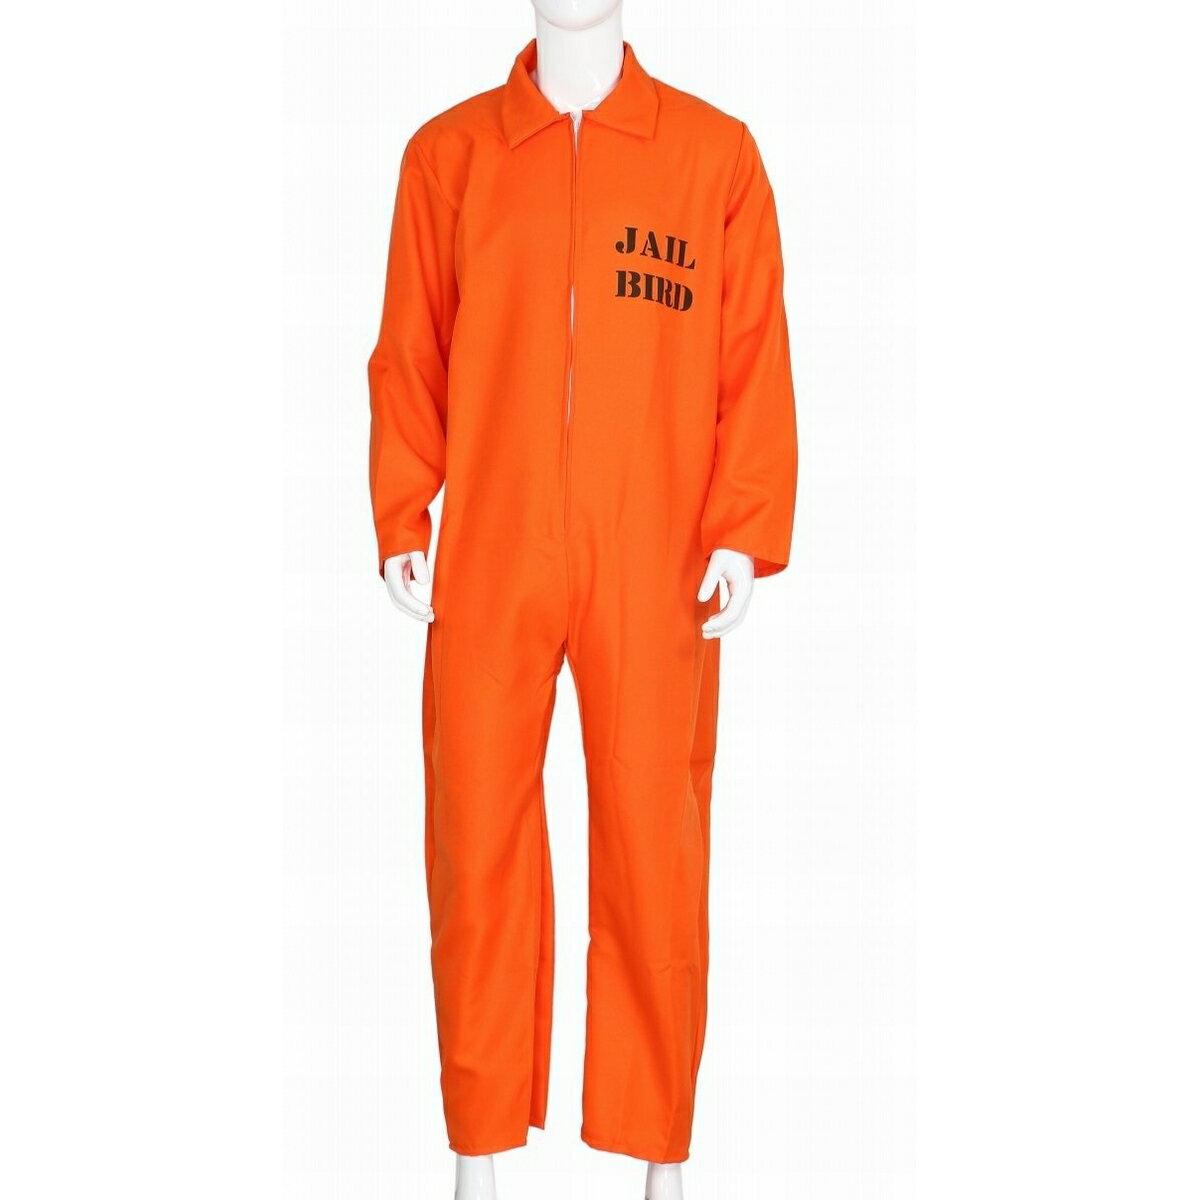 【今だけ送料無料!】 囚人服 オレンジ コスプレ 衣装 仮装 コスチューム セット ハロウィン 衣装 大人 パーティー 宴会